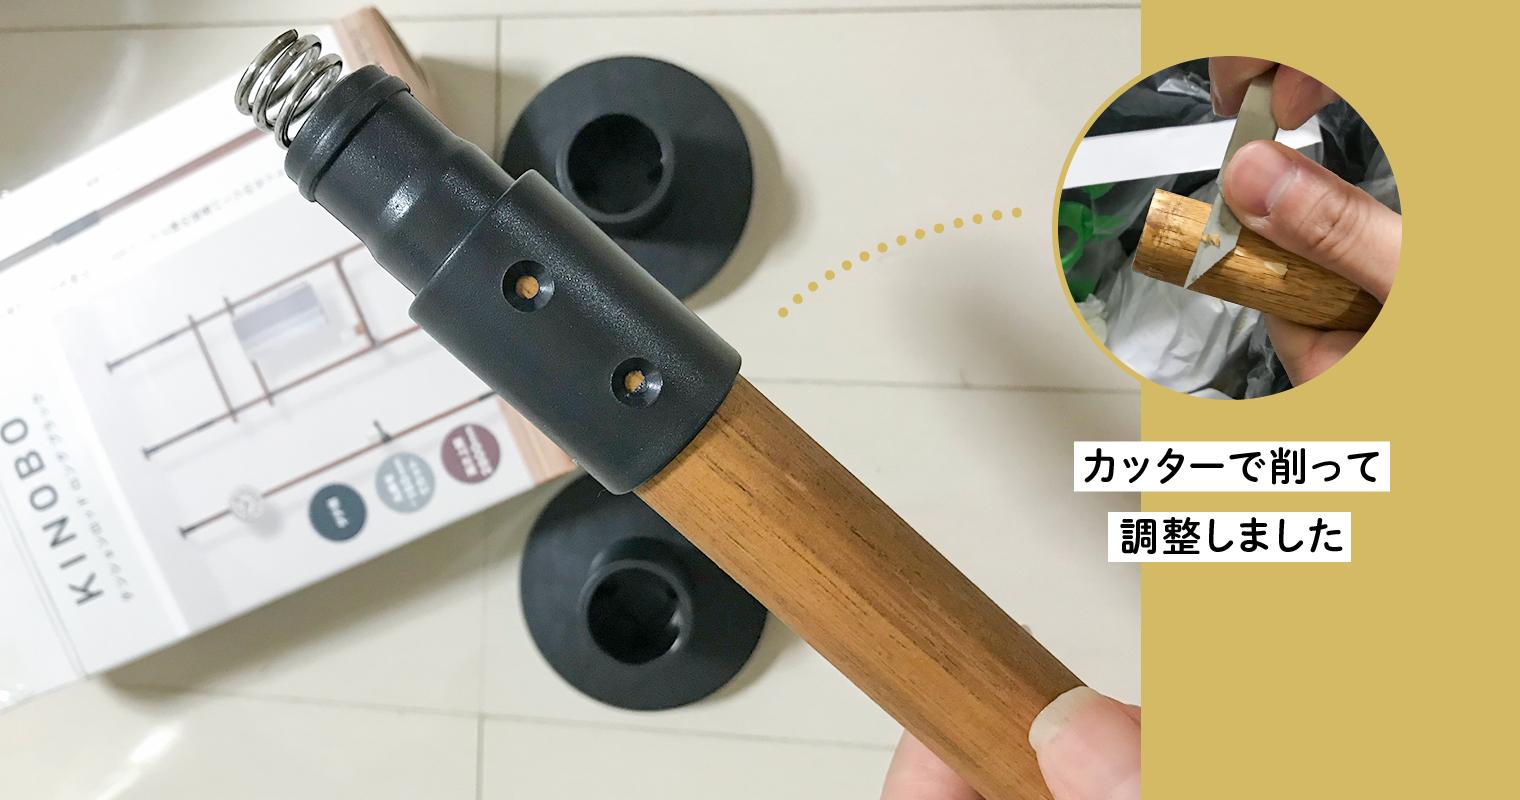 池村さん、カッターで削って調整しました